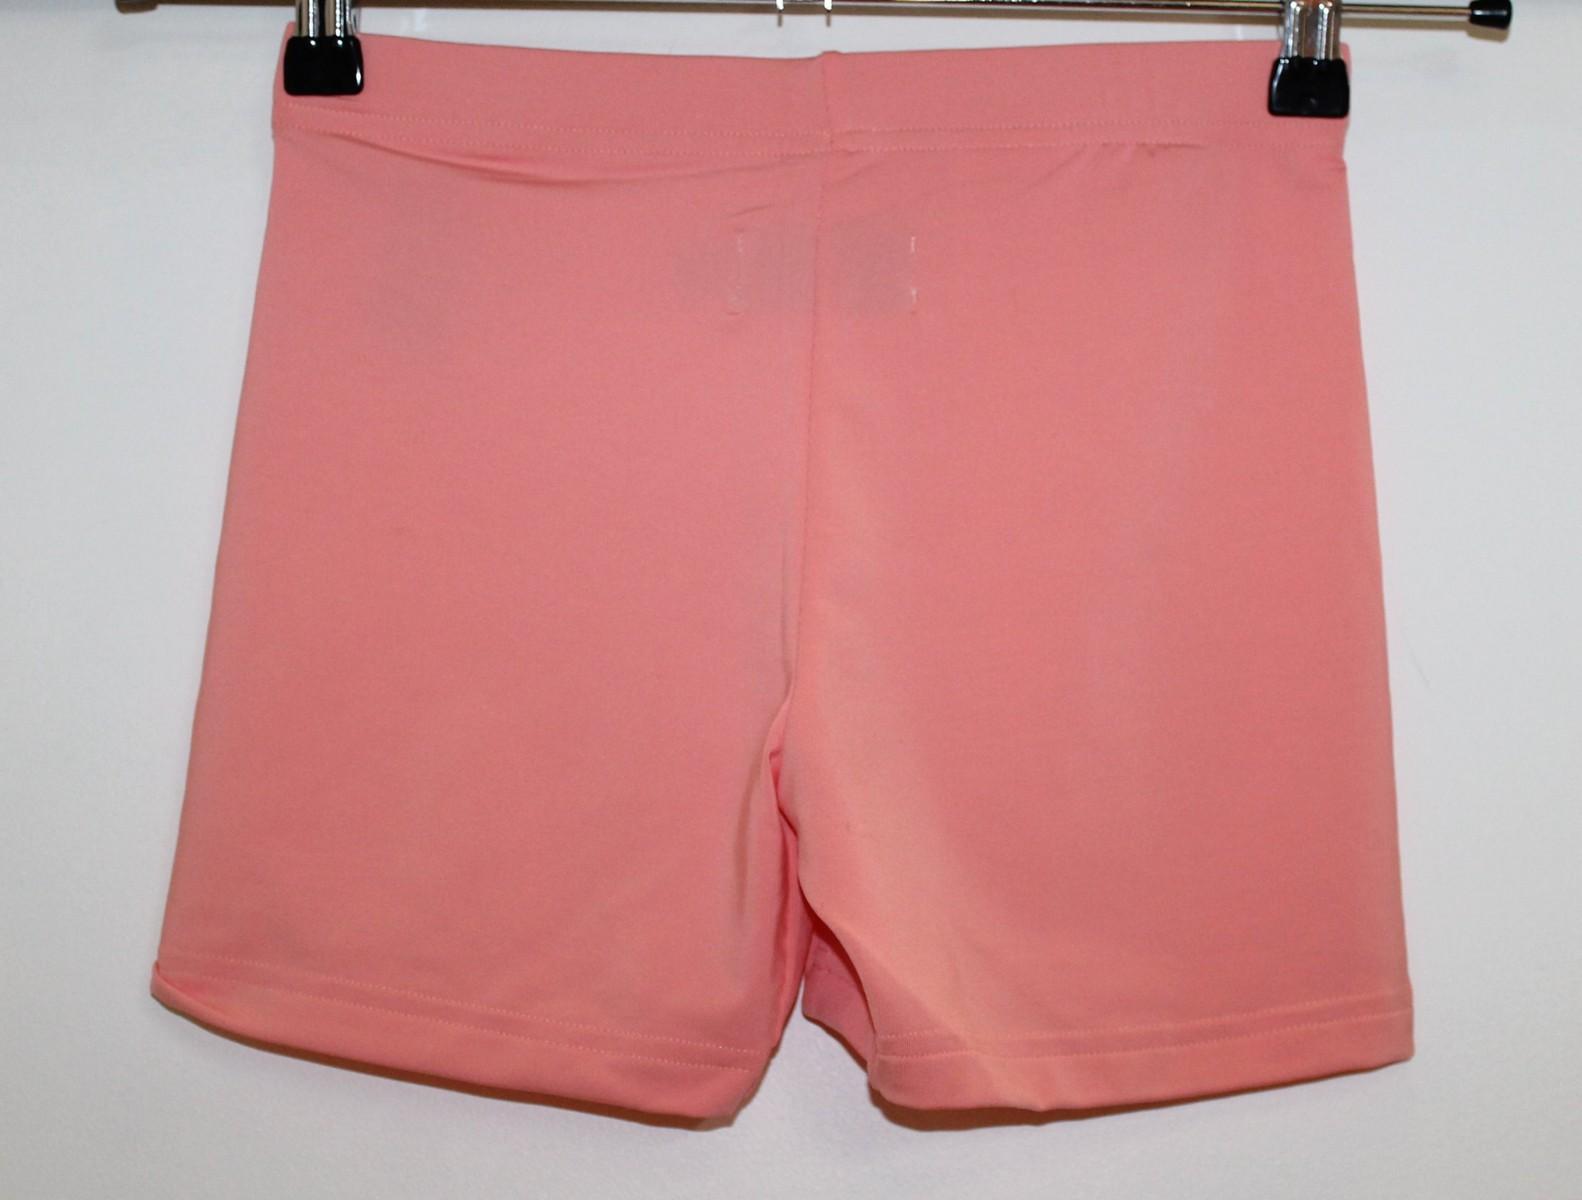 BNWT STELLA MCCARTNEY ADIDAS Girls Baricade Tennis Dress & Shorts 11-12 Yrs. 8